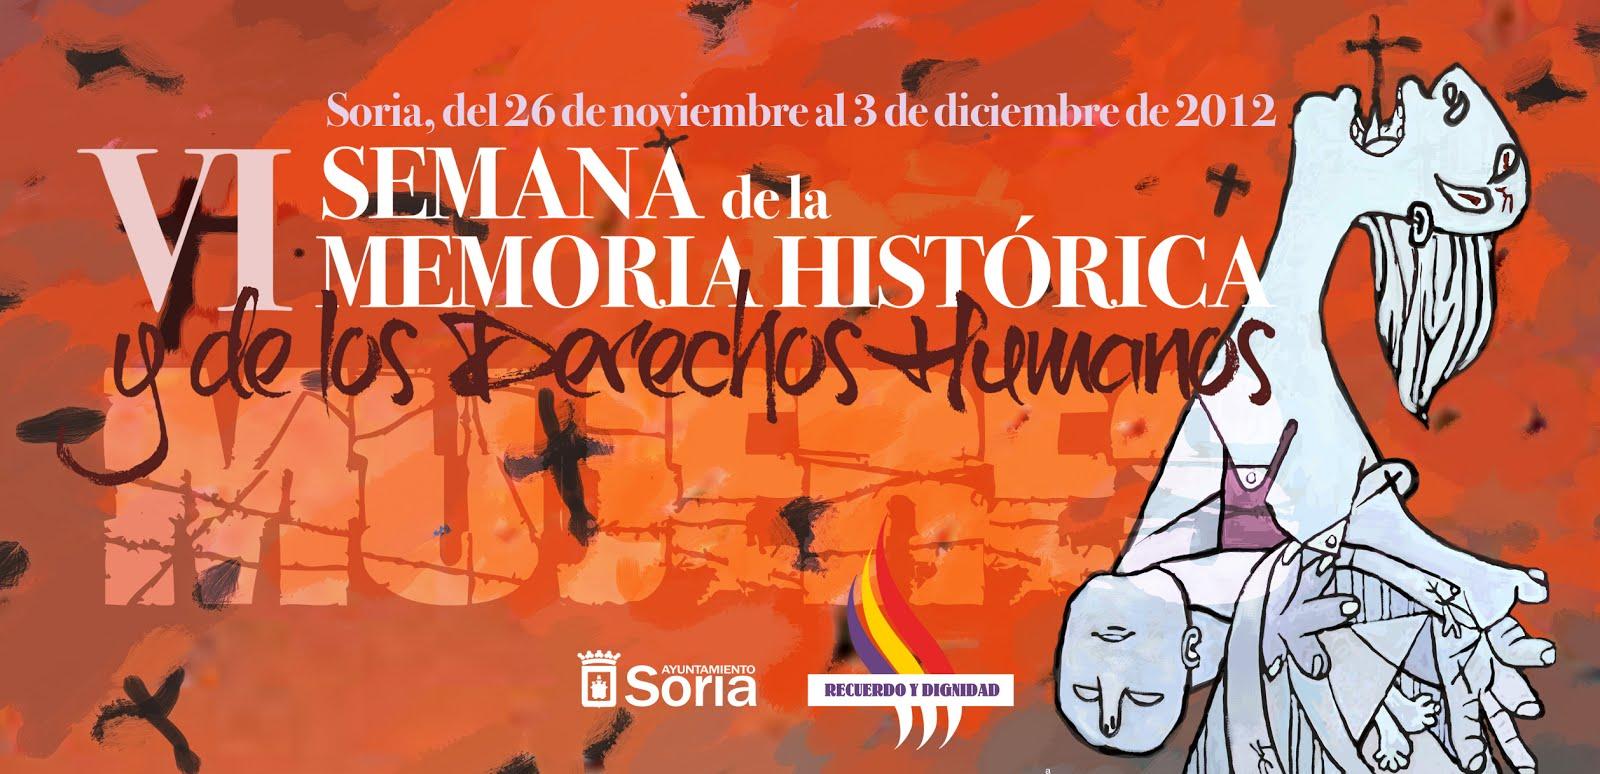 VI Semana de la memoria histórica y los derechos humanos